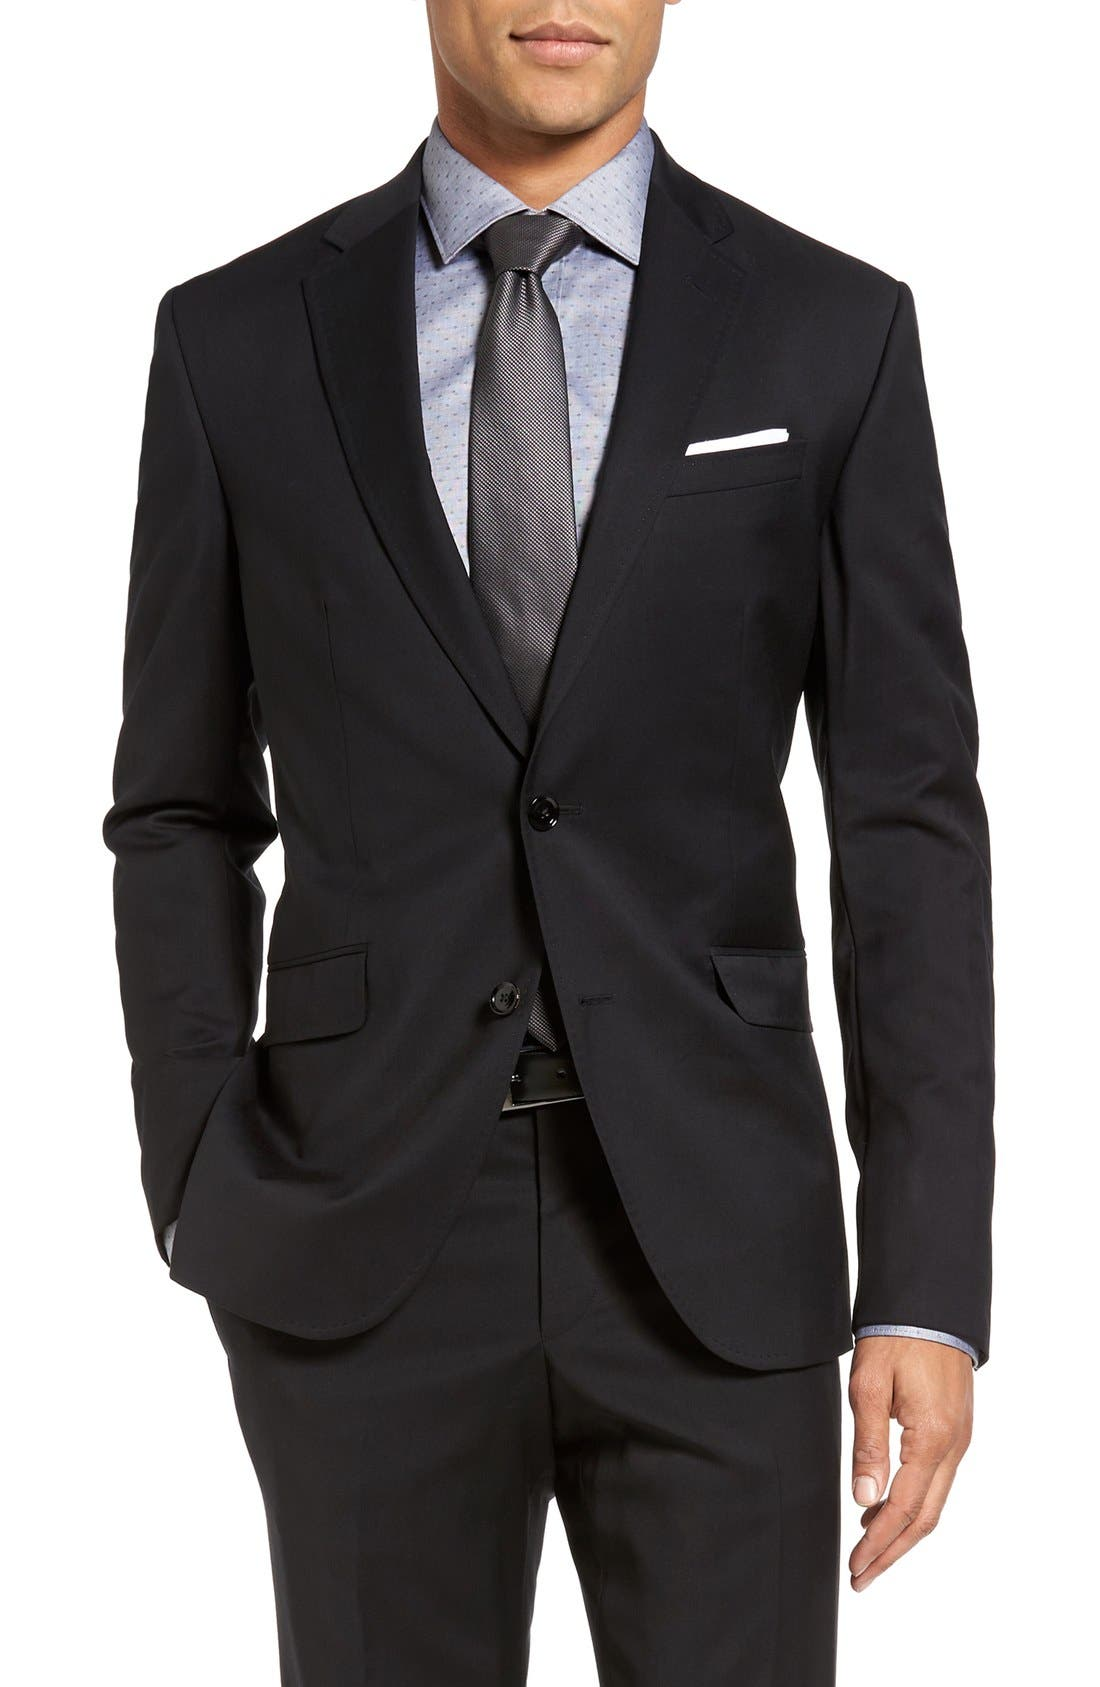 Jones Trim Fit Wool Suit,                             Alternate thumbnail 6, color,                             001